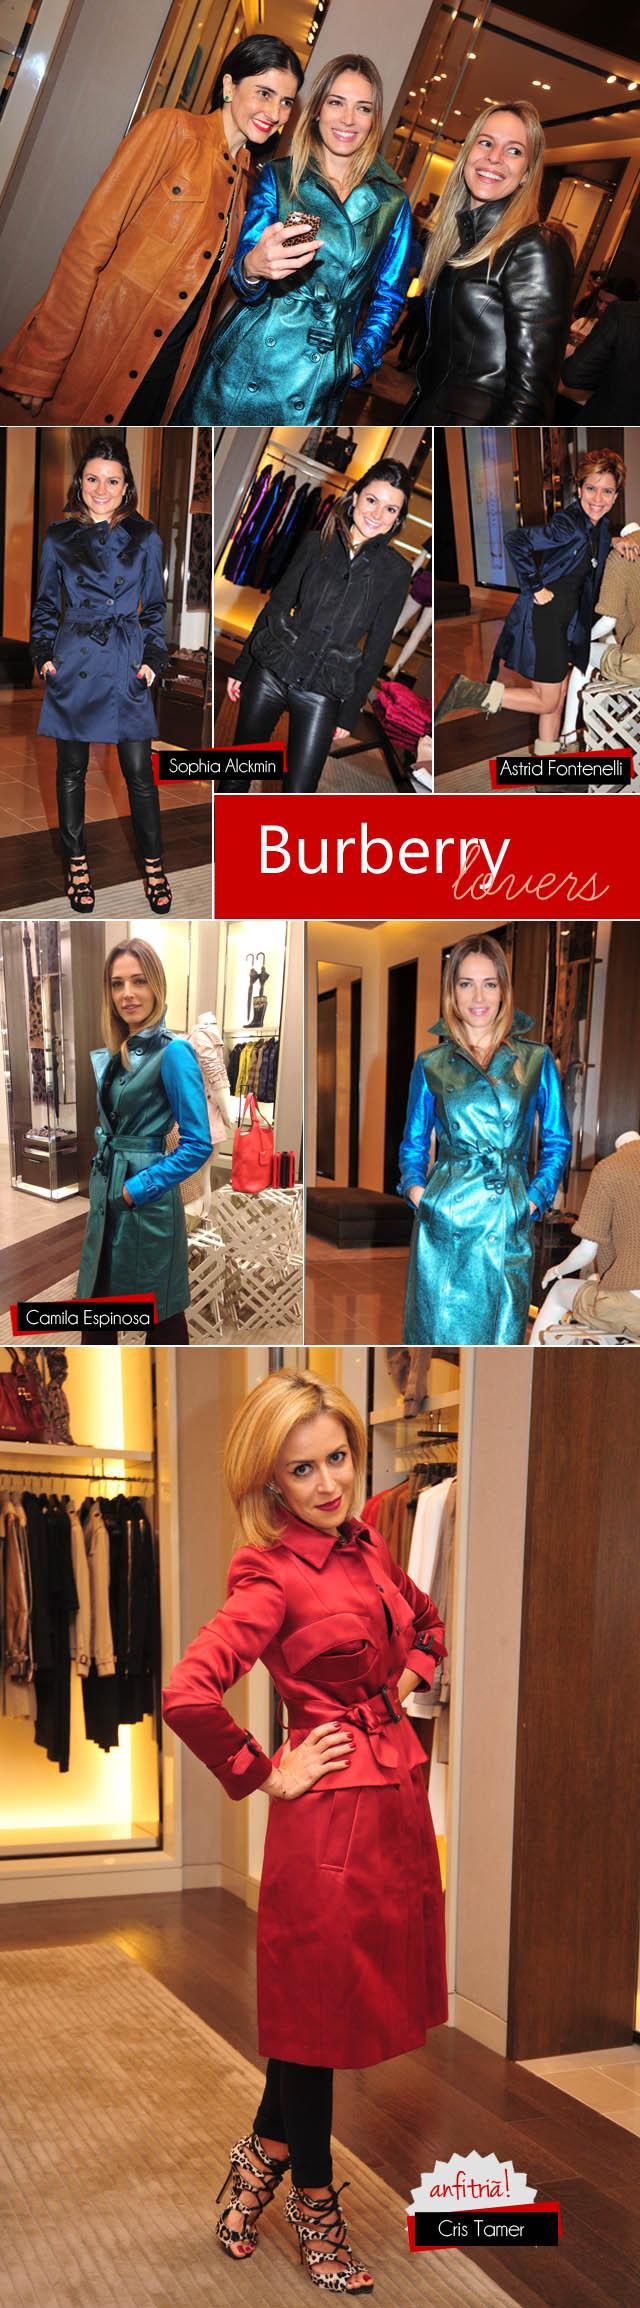 blog-da-alice-ferraz-evento-burberry-trench-coats